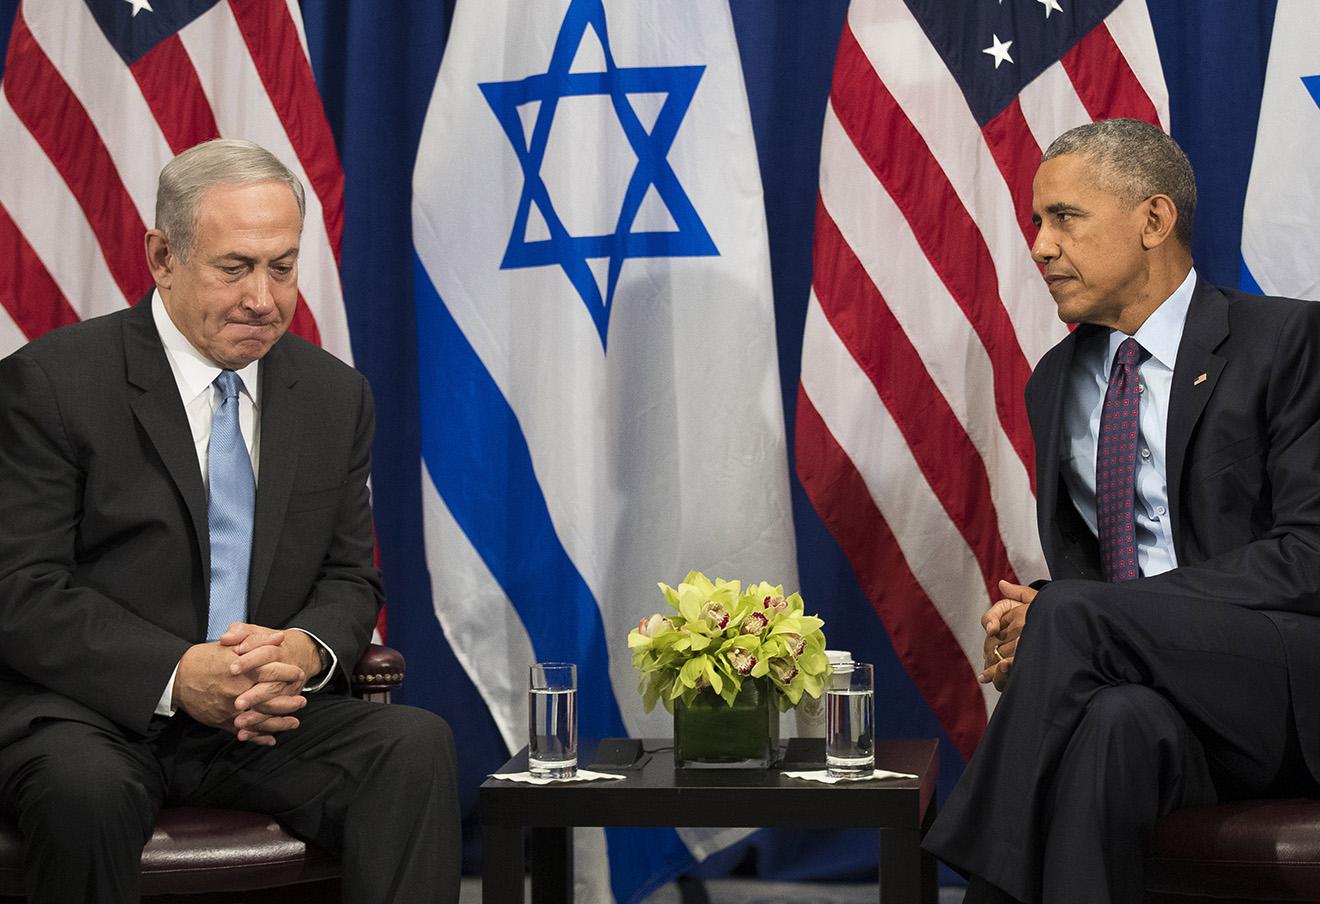 Встреча президента США Барака Обамы и премьер-министра Израиля Биньямин Нетаньяху в Нью-Йорк. Фото: Drew Angerer / ТАСС